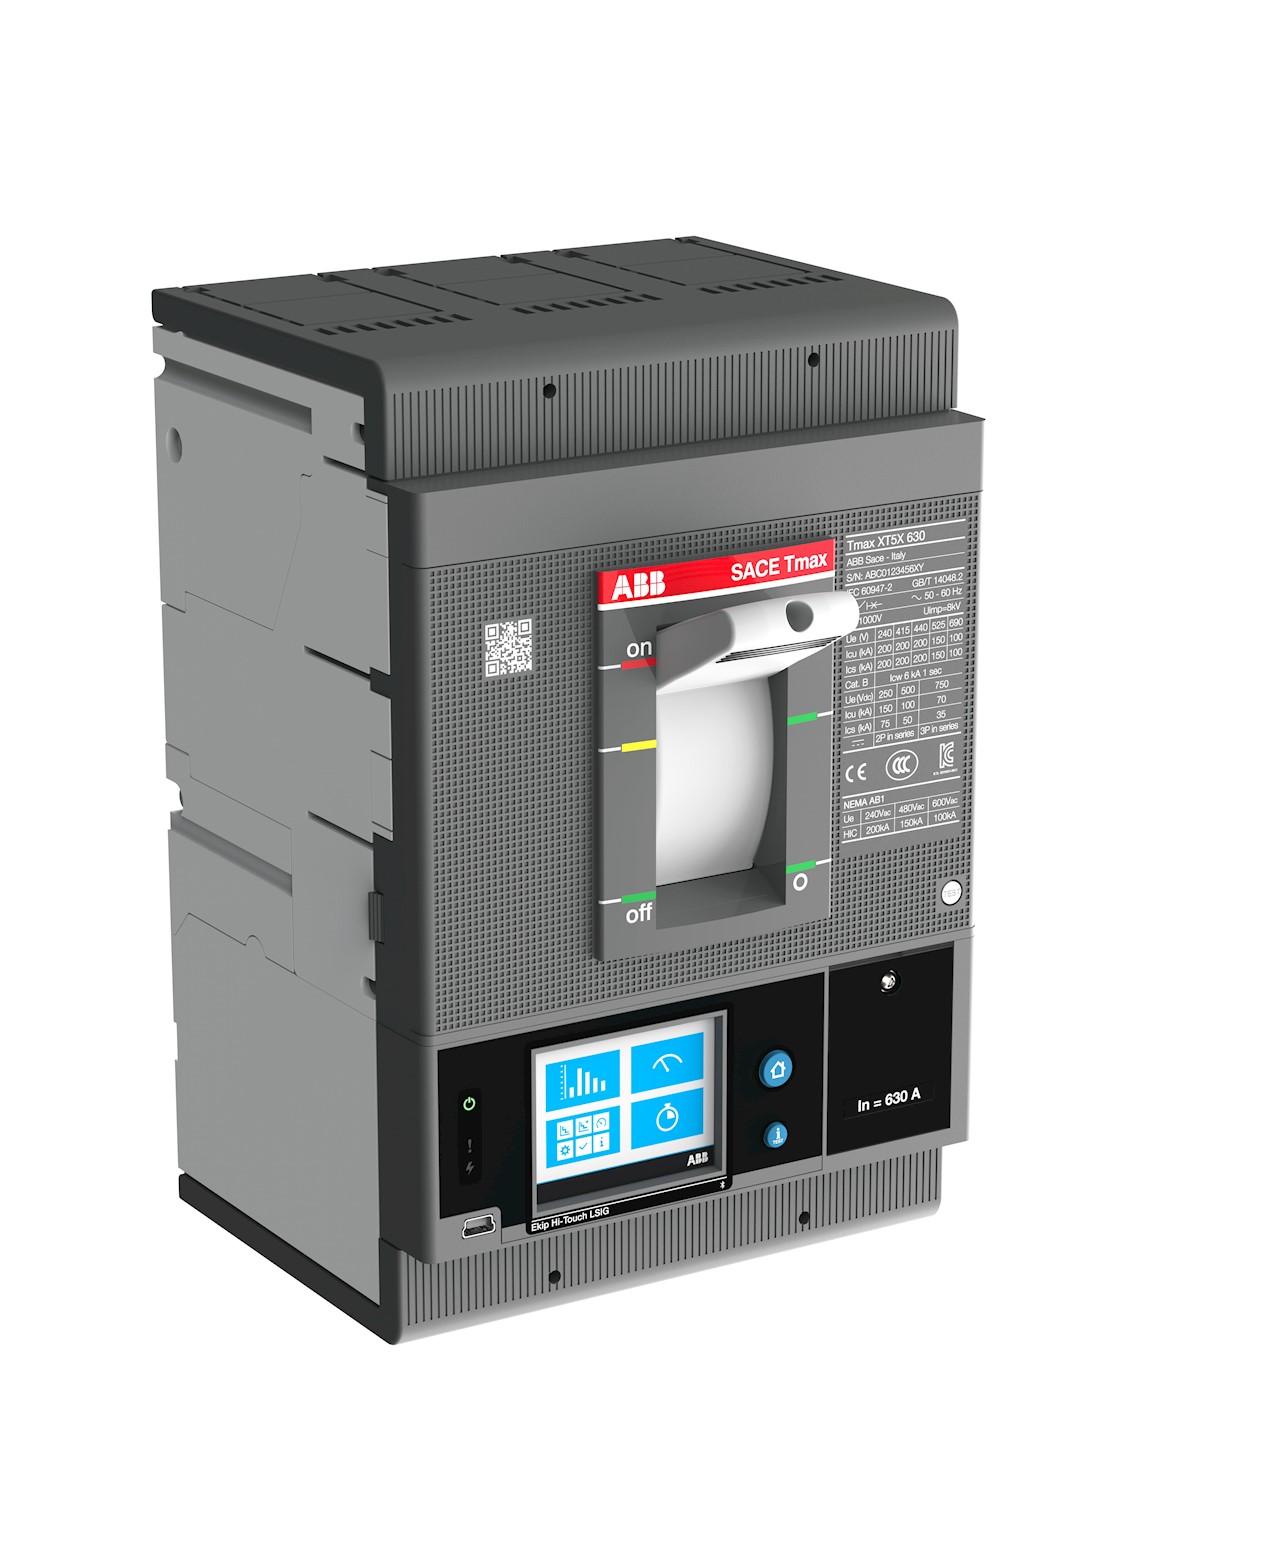 Die Leistungsschalter Tmax XT von ABB mit Ekip Com-Architektur ermöglichen eine direkte Konnektivität des Internet der Dinge (IoT) für die gesamte Bandbreite von 40 bis 6.300 A.